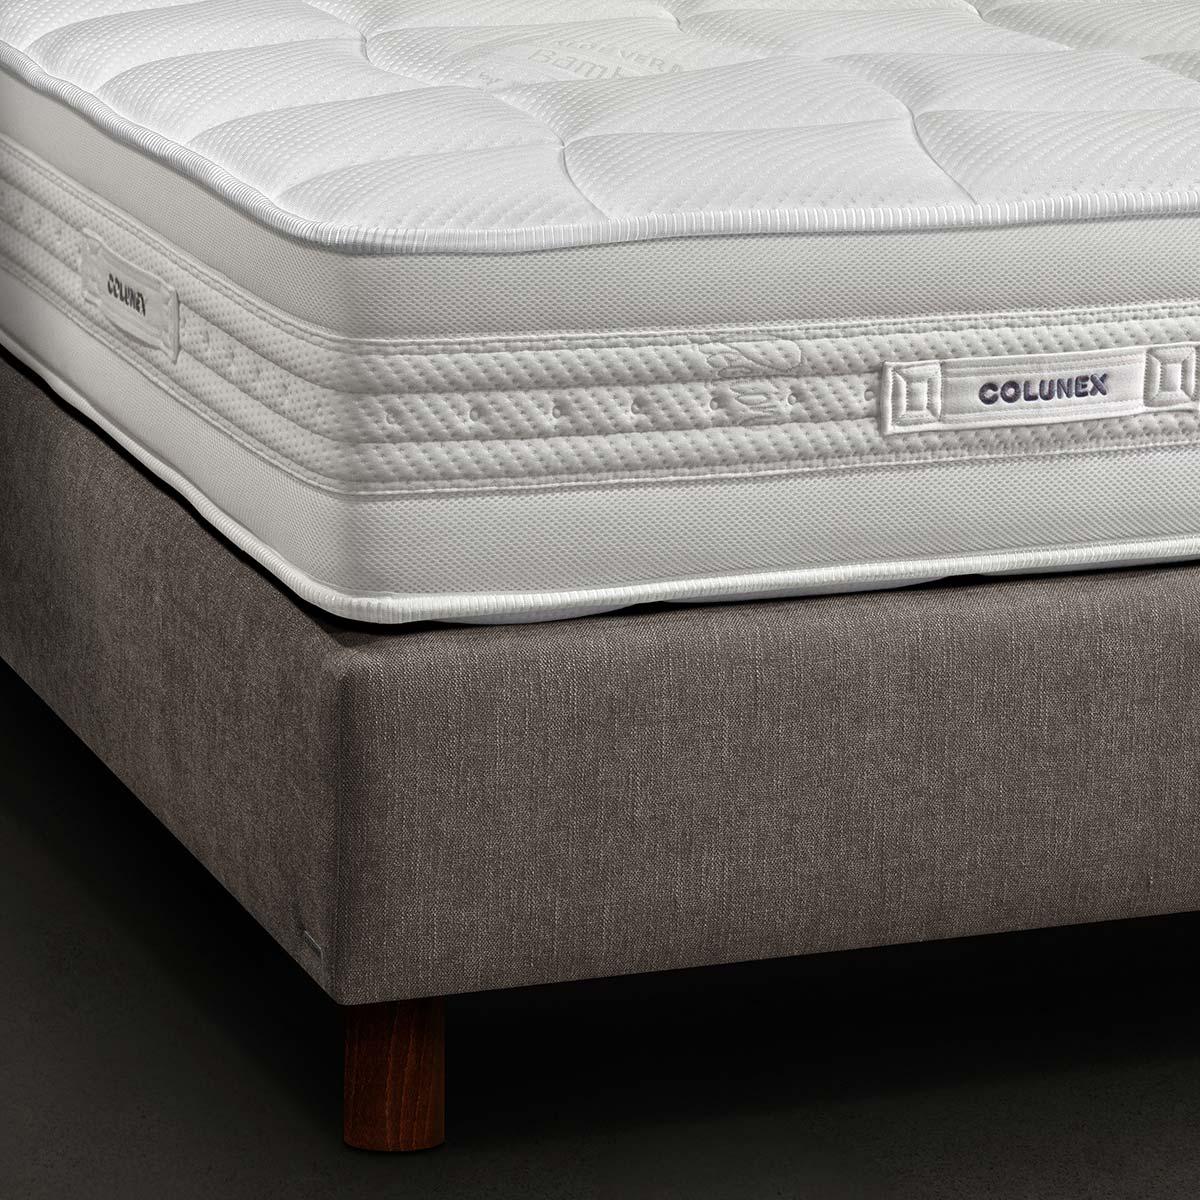 new start New Start Mattress colunex newstart mattress 01